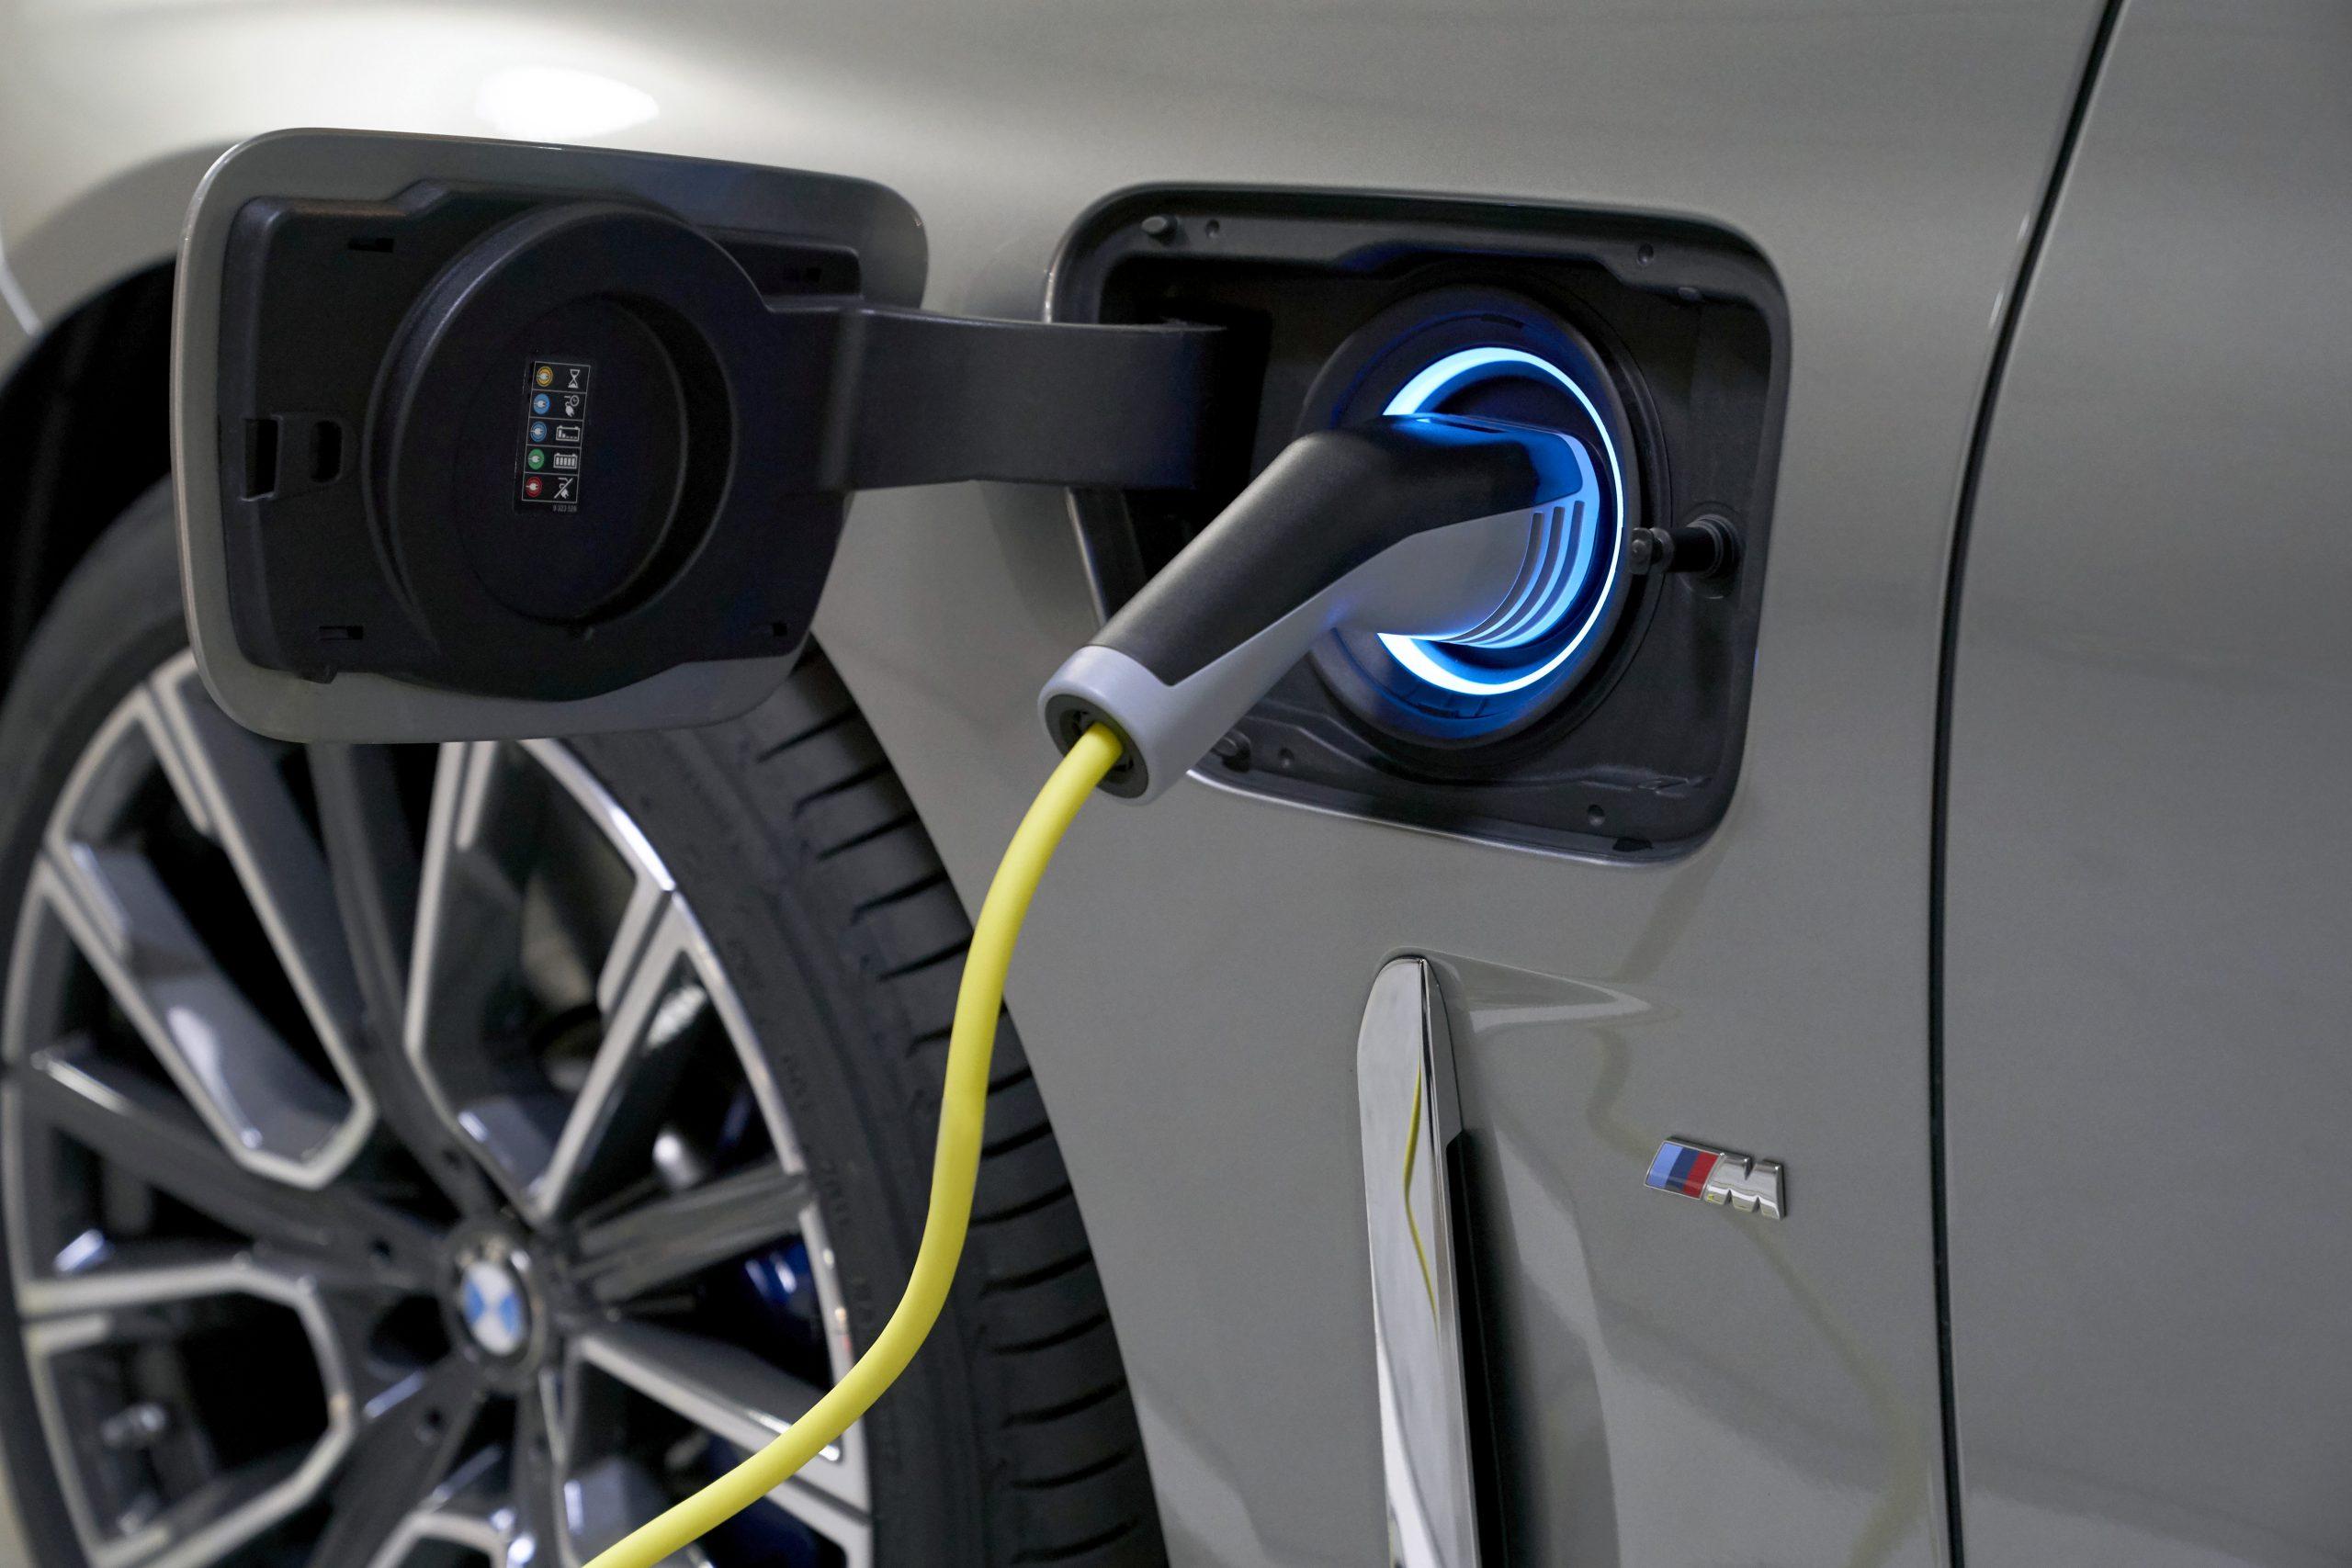 รีวิวรถใหม่2020 : บีเอ็มดับเบิลยู ซีรี่ส์ 7 ใหม่ สานต่อตำนานยนตรกรรมหรู ยกระดับสู่มาตรฐานใหม่ของสุนทรียภาพทุกการเดินทาง